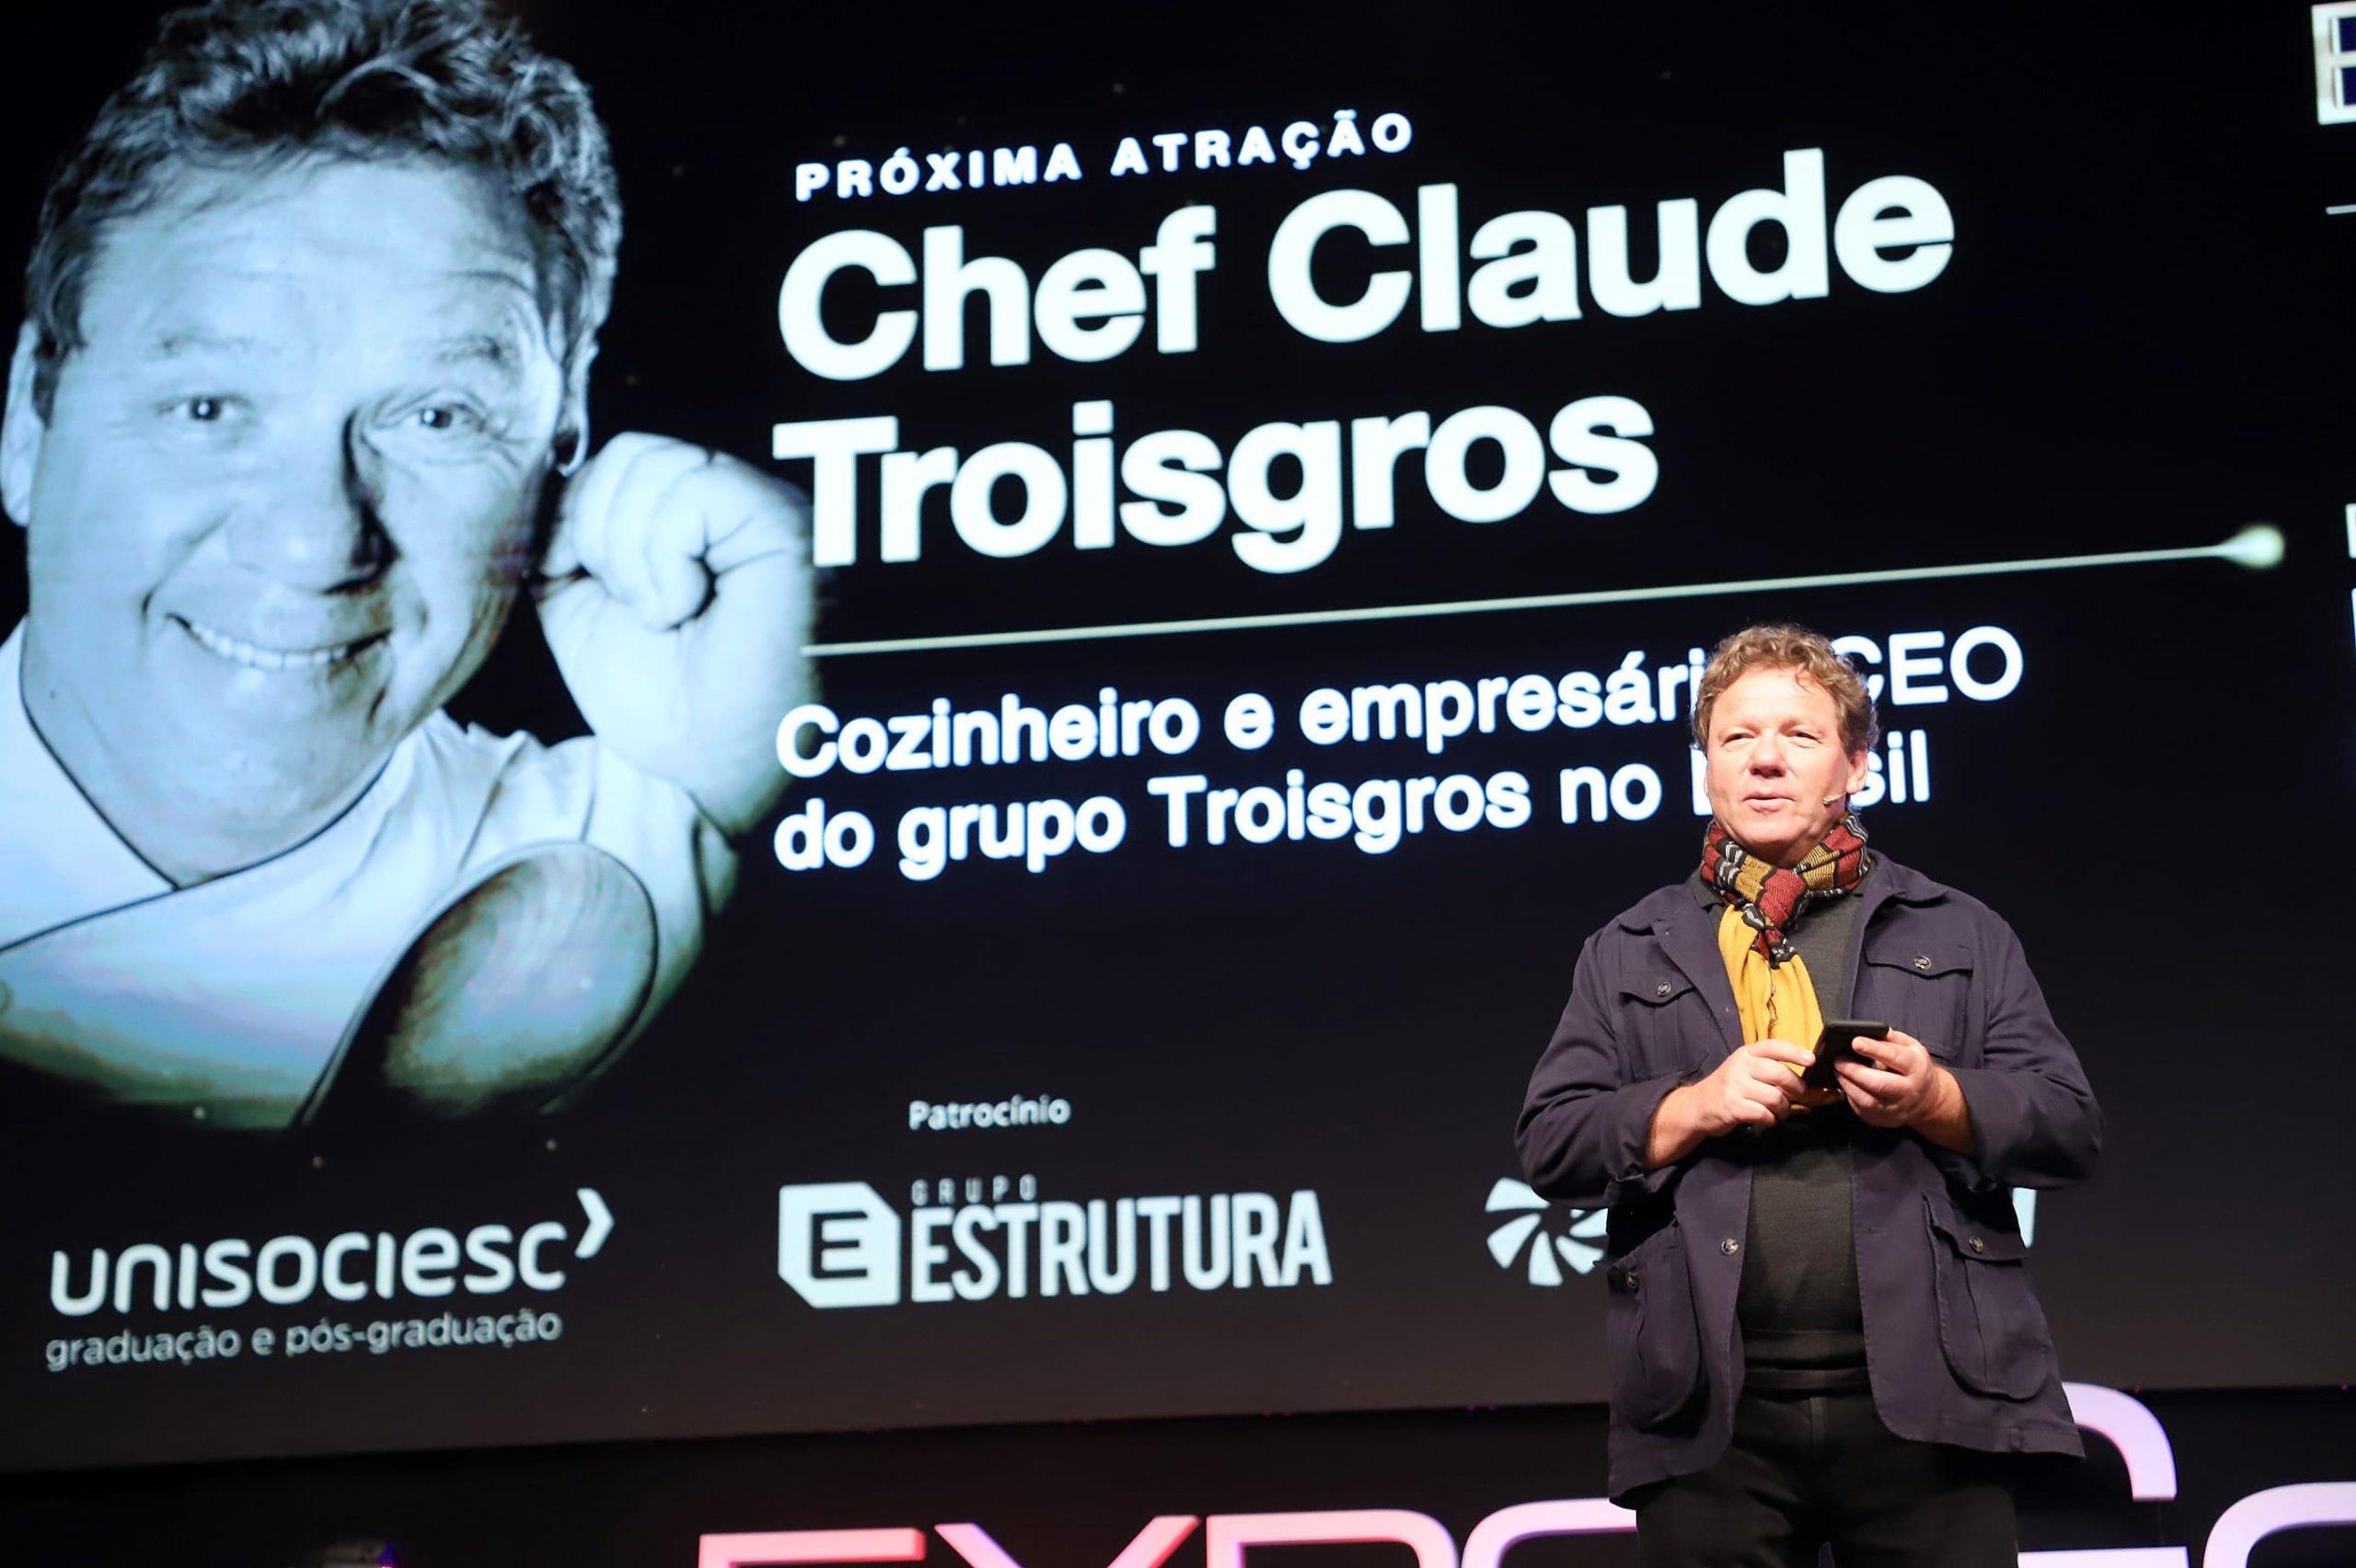 Claude Troigros começou a carreira engatinhando na cozinha